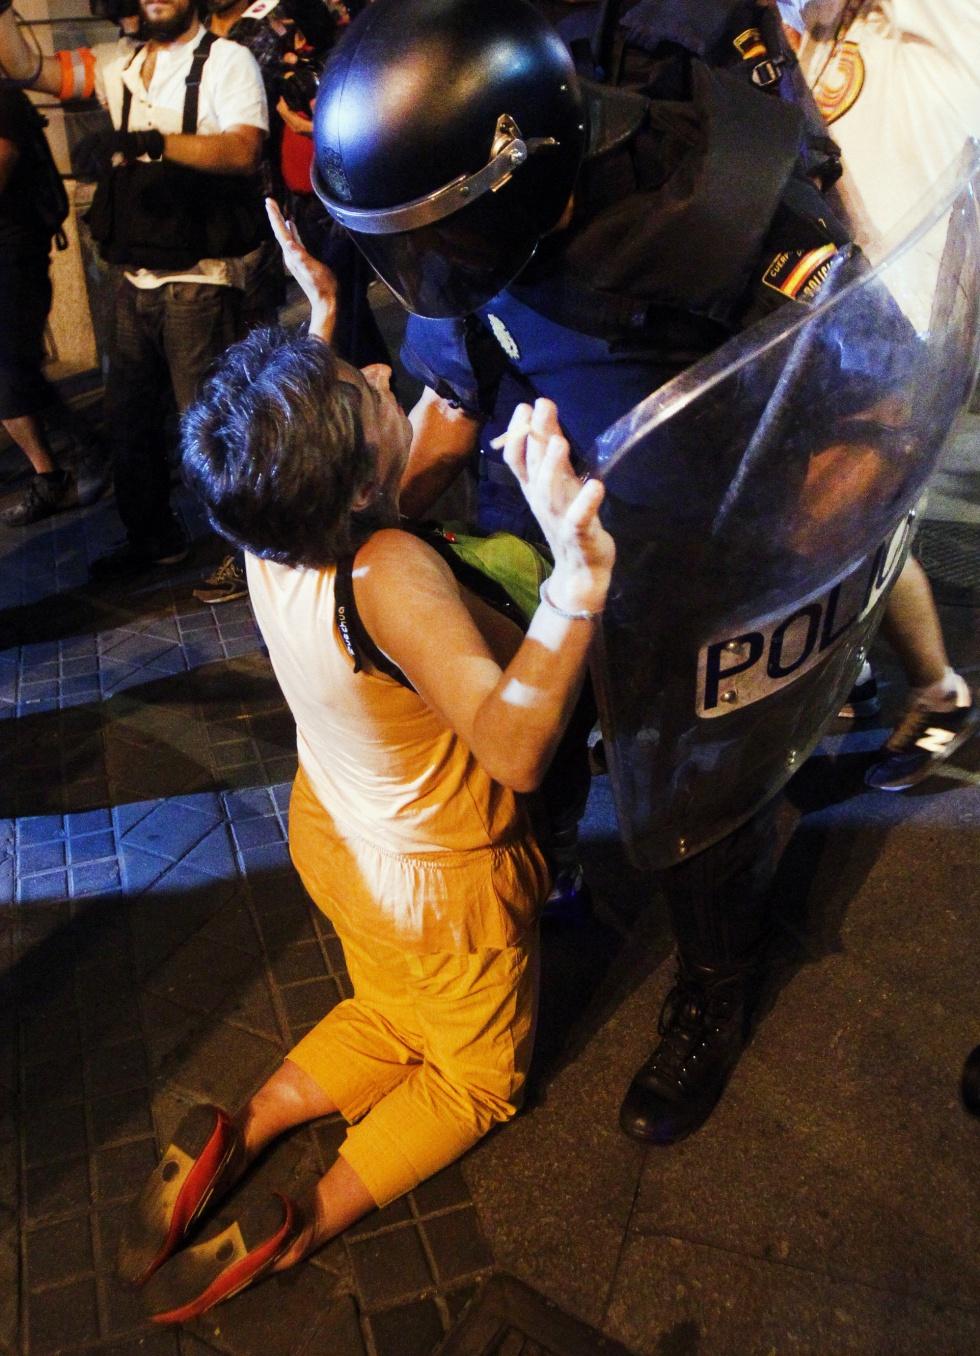 Una manifestante arrodillada ante un policía antidisturbios por la noche en Madrid.